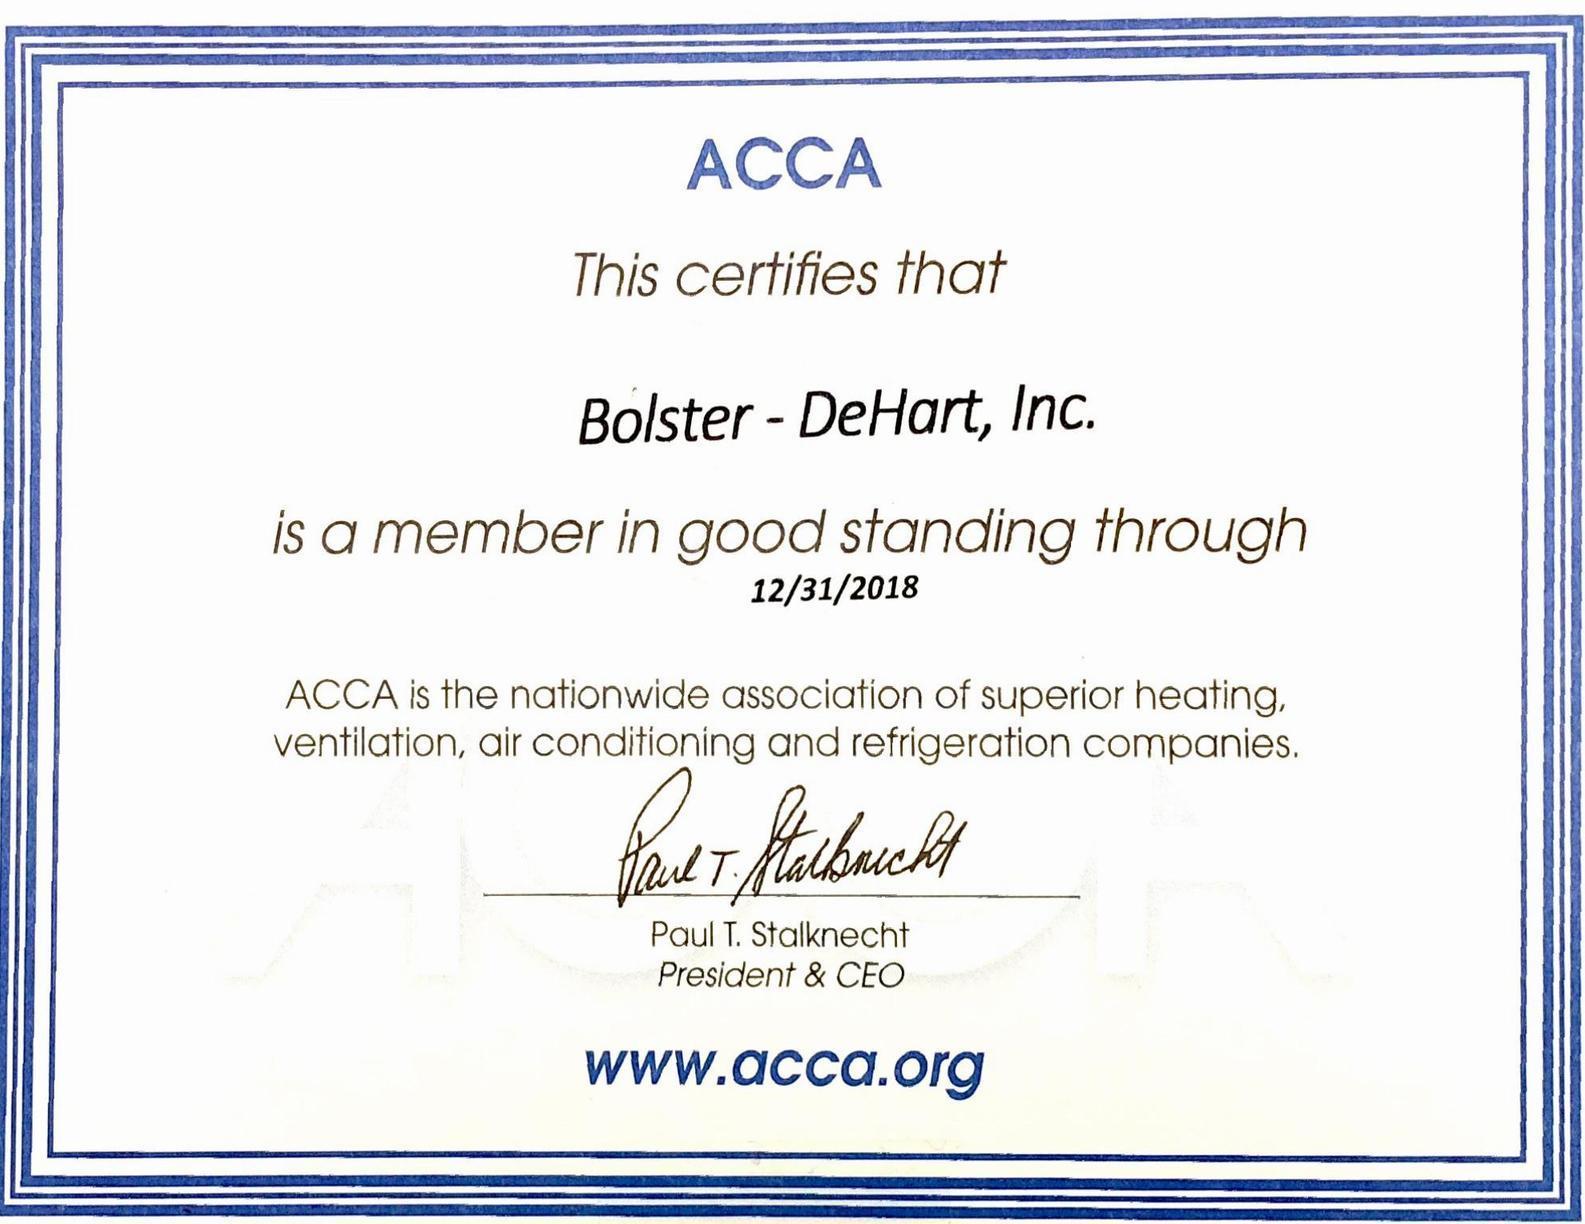 ACCA Award